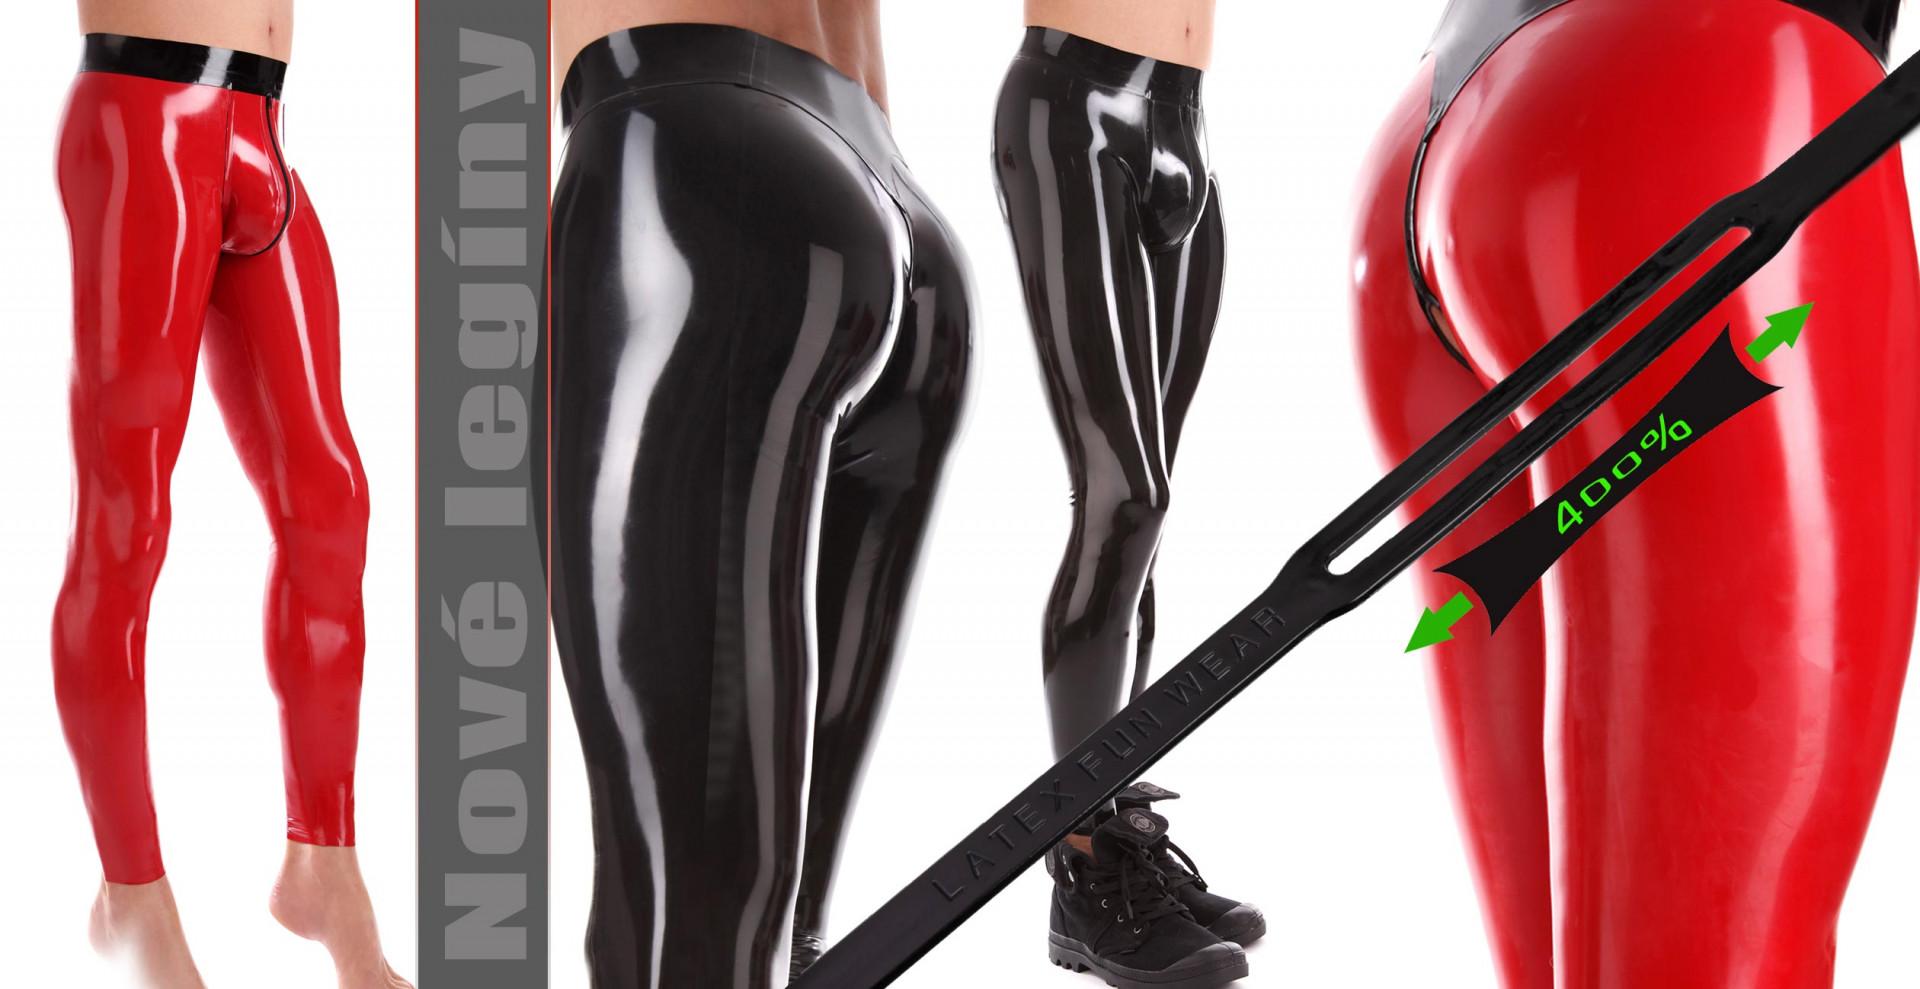 Latexové Legíny s 3D genitální oblastí a análním otvorem